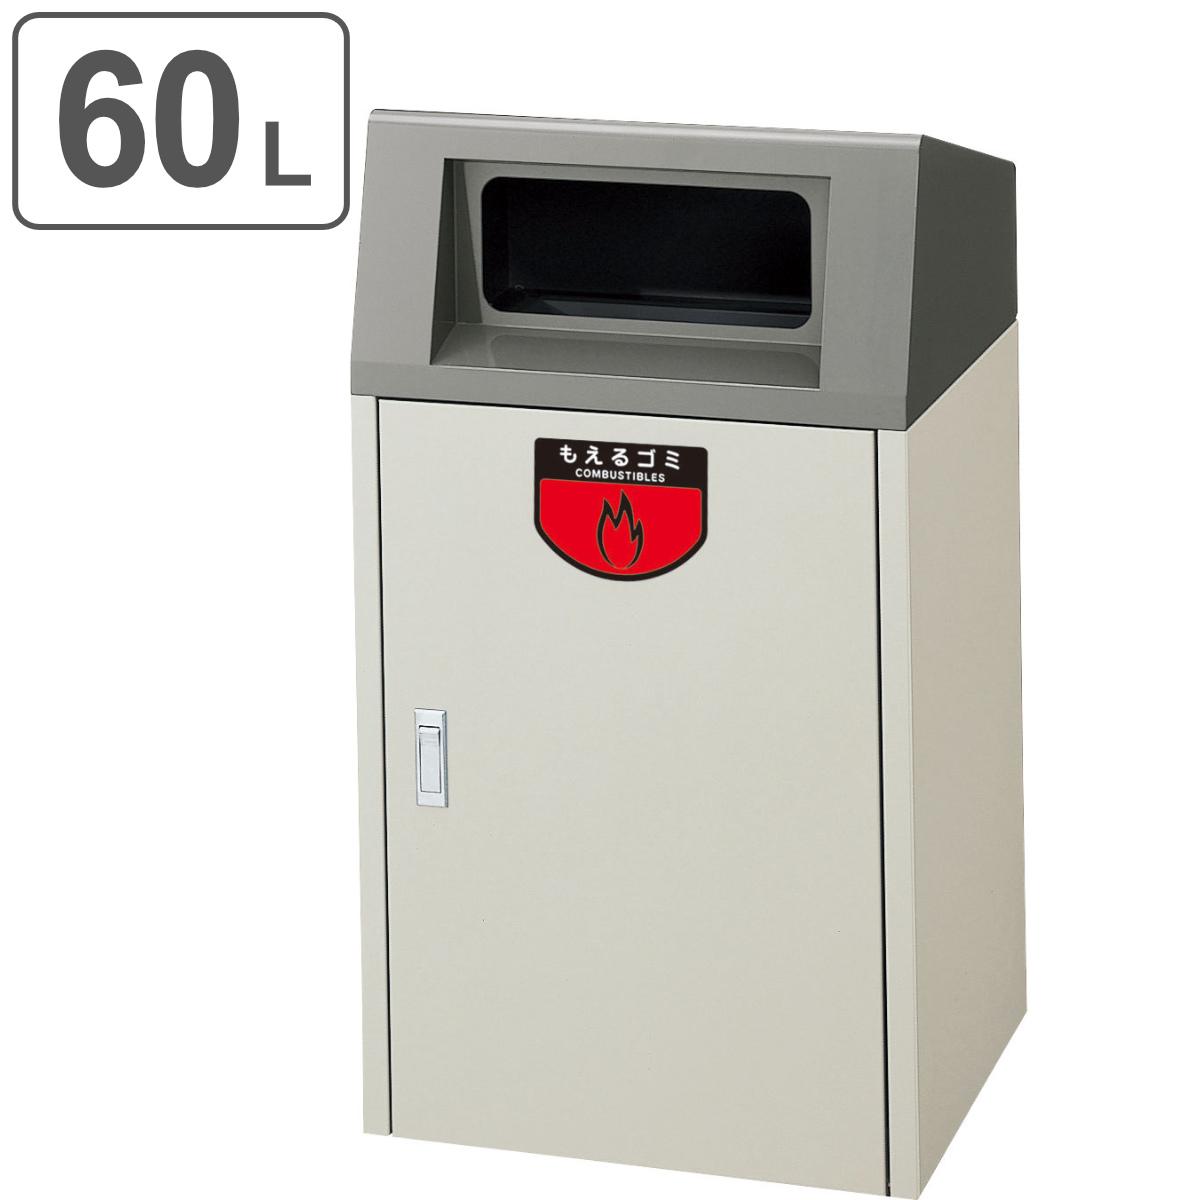 ゴミ箱 リサイクルボックス F-1 送料無料 【4500円以上送料無料】